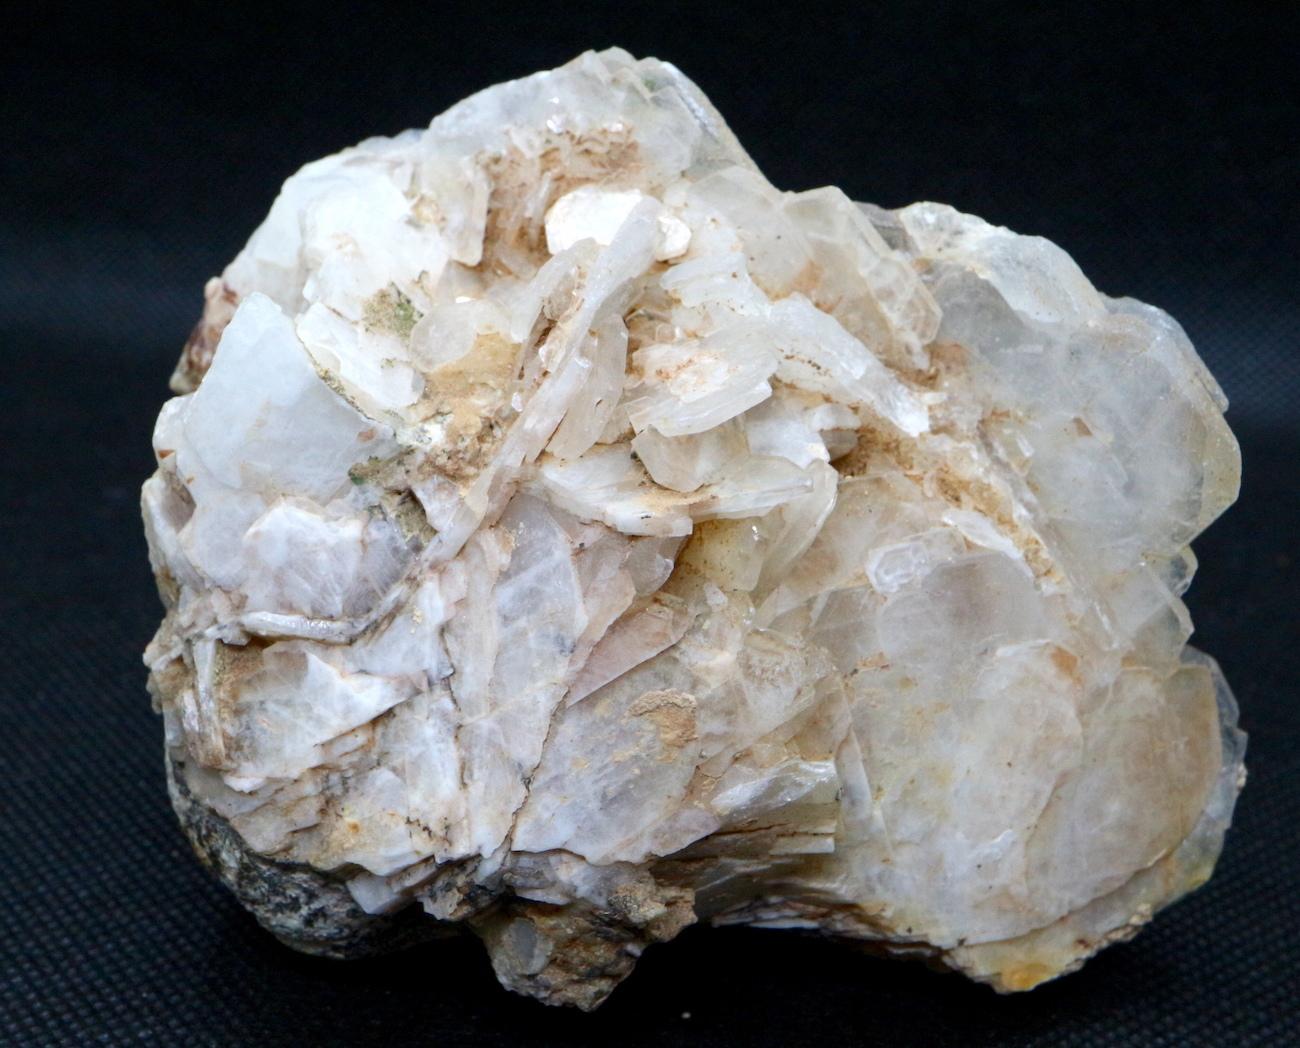 アメリカ産! 重晶石 Barite バライト 531g   BRT002 鉱物 天然石 パワーストーン 原石